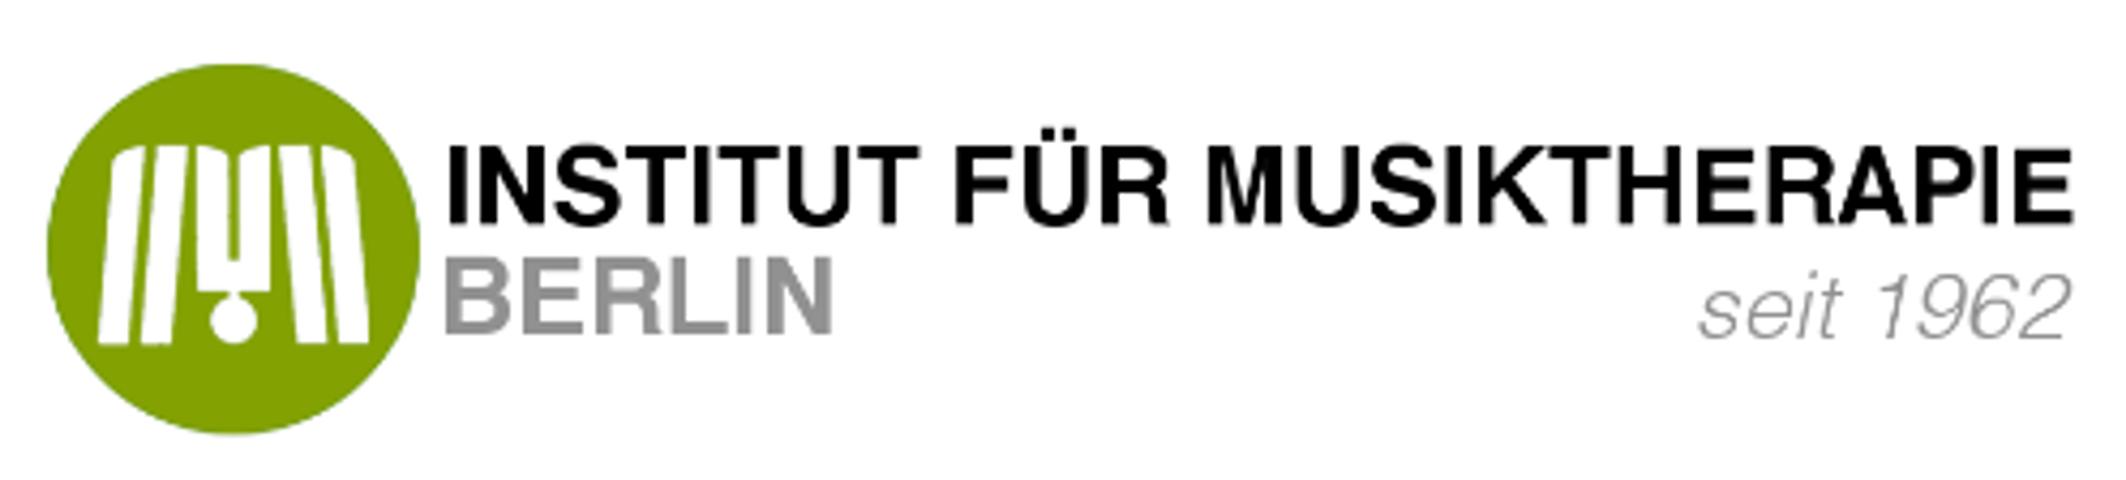 Institut für Musiktherapie Berlin